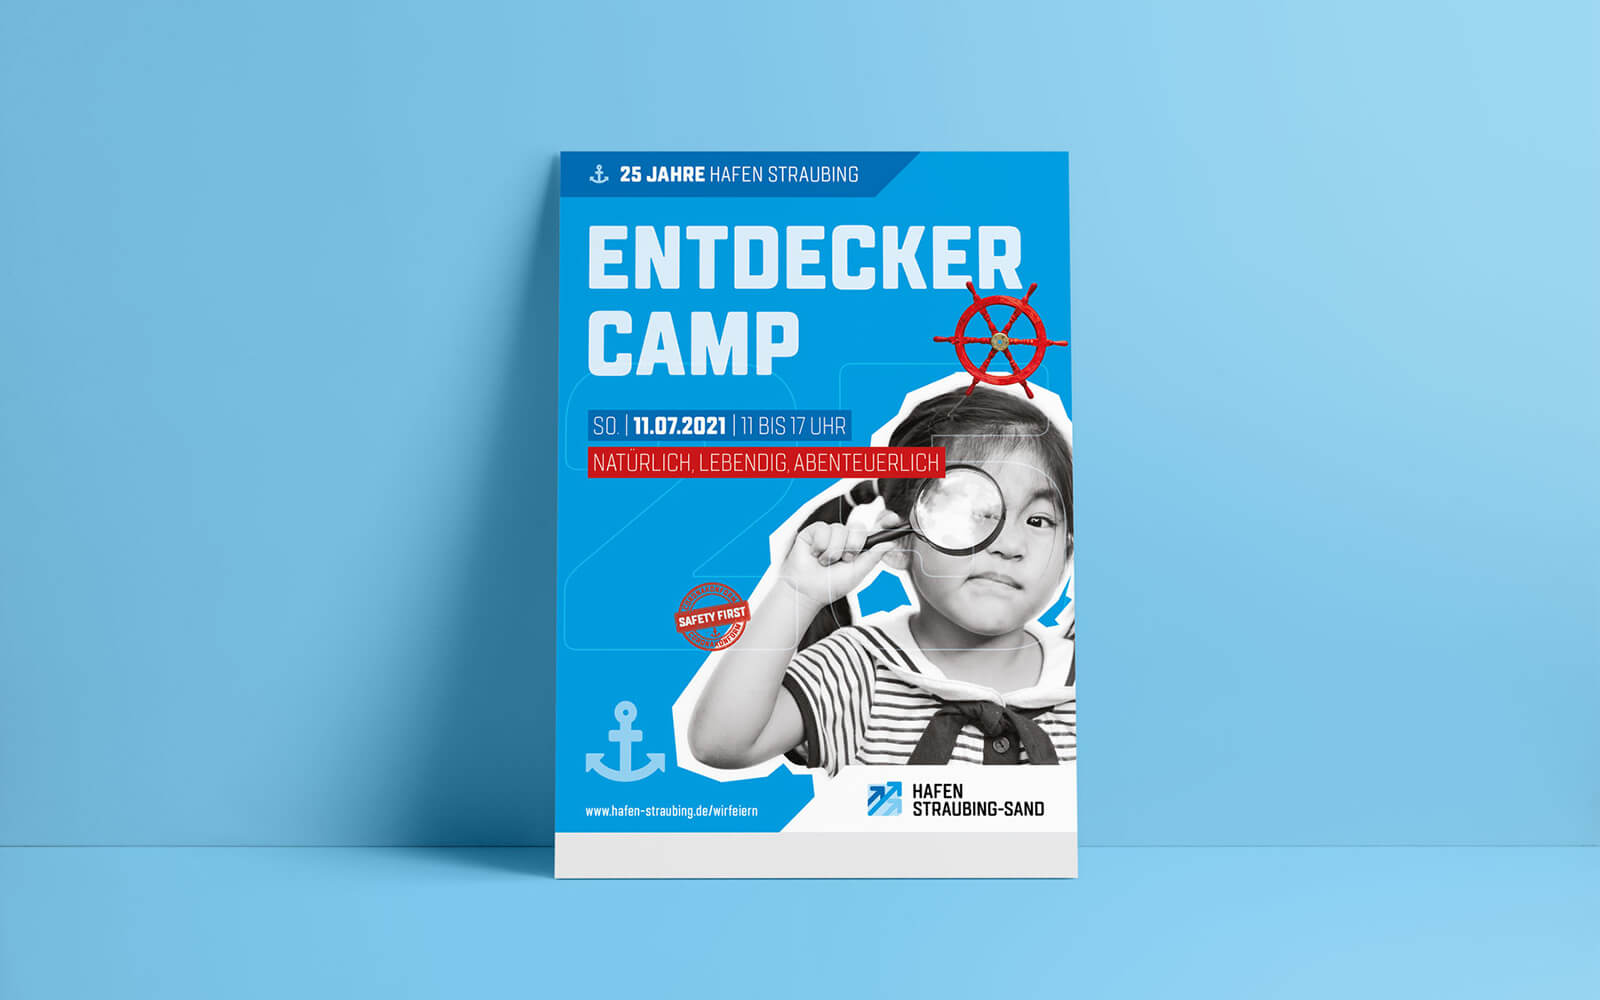 25 Jahre Hafen Straubing-Sand – Plakat Entdeckercamp